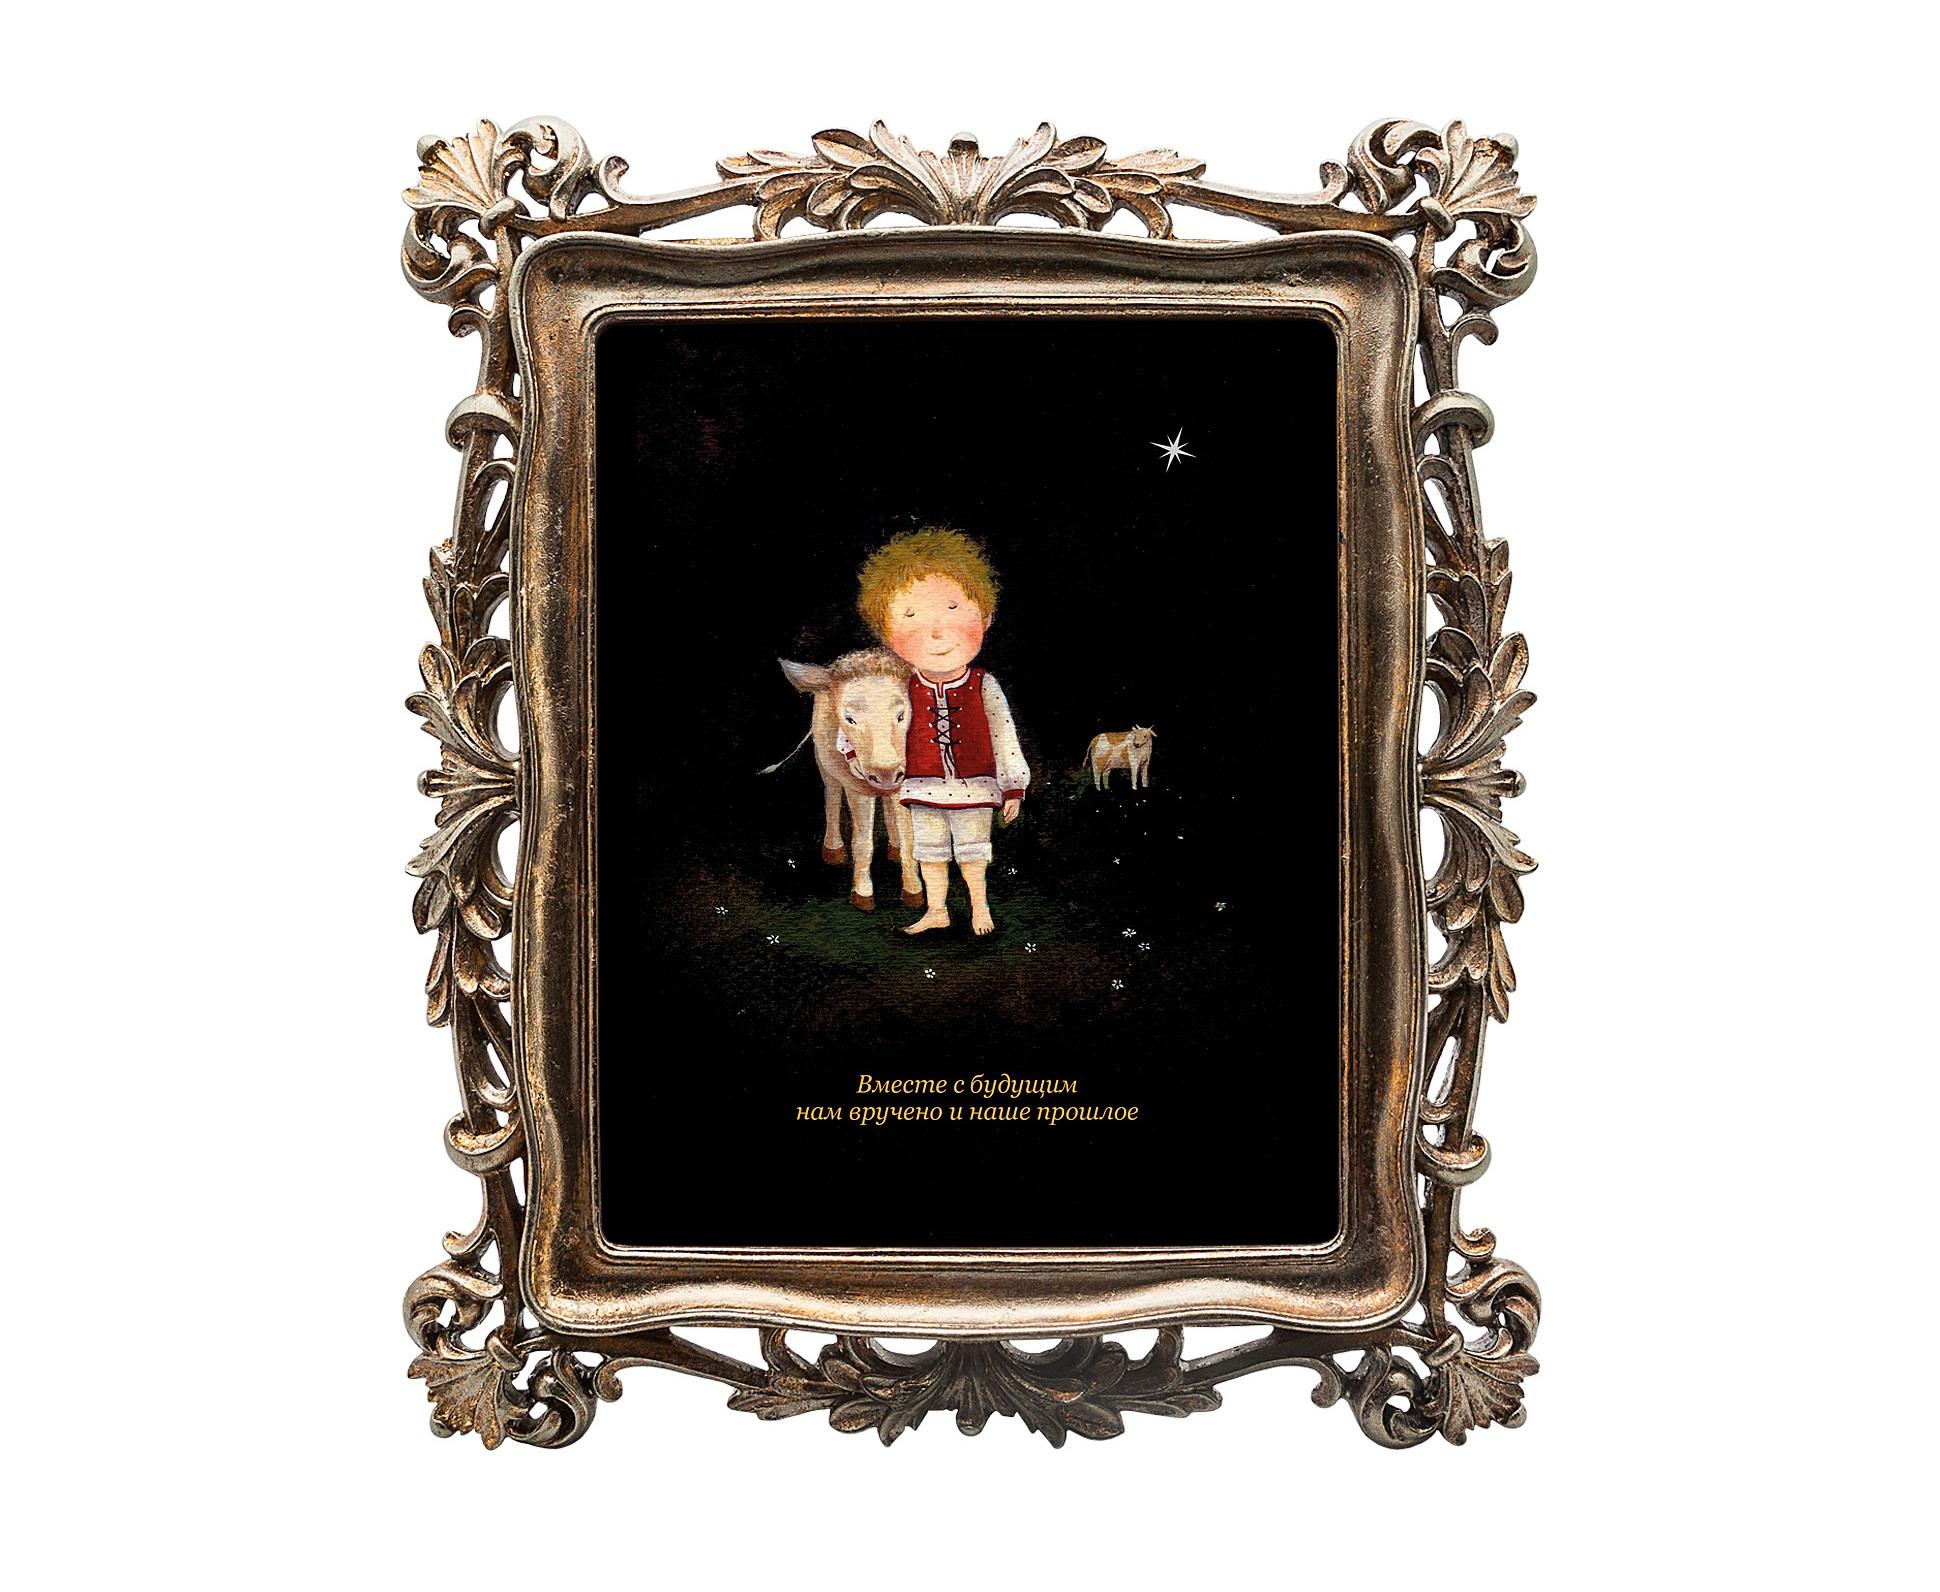 Картина 12 рецептов счастья (Телец)Картины<br>Картина из коллекции «12 рецептов счастья» «Вместе с будущим нам вручено и наше прошлое» олицетворяет собой знак зодиака Телец, преподнося нам уникальное пожелание.  Картину можно повесить на стену, либо поставить, например, на стол или камин. Защитный стеклянный слой  гарантирует долгую жизнь прекрасному изображению. Рама изготовлена из полистоуна. Искусная техника состаривания придает раме особую теплоту и винтажность.&amp;lt;div&amp;gt;&amp;lt;span style=&amp;quot;font-size: 14px;&amp;quot;&amp;gt;&amp;lt;br&amp;gt;&amp;lt;/span&amp;gt;&amp;lt;/div&amp;gt;&amp;lt;div&amp;gt;&amp;lt;span style=&amp;quot;font-size: 14px;&amp;quot;&amp;gt;Материал: полистоун, стекло, дизайнерская бумага.&amp;lt;/span&amp;gt;&amp;lt;br&amp;gt;&amp;lt;/div&amp;gt;<br><br>Material: Полистоун<br>Ширина см: 29.7<br>Высота см: 34.7<br>Глубина см: 2.2